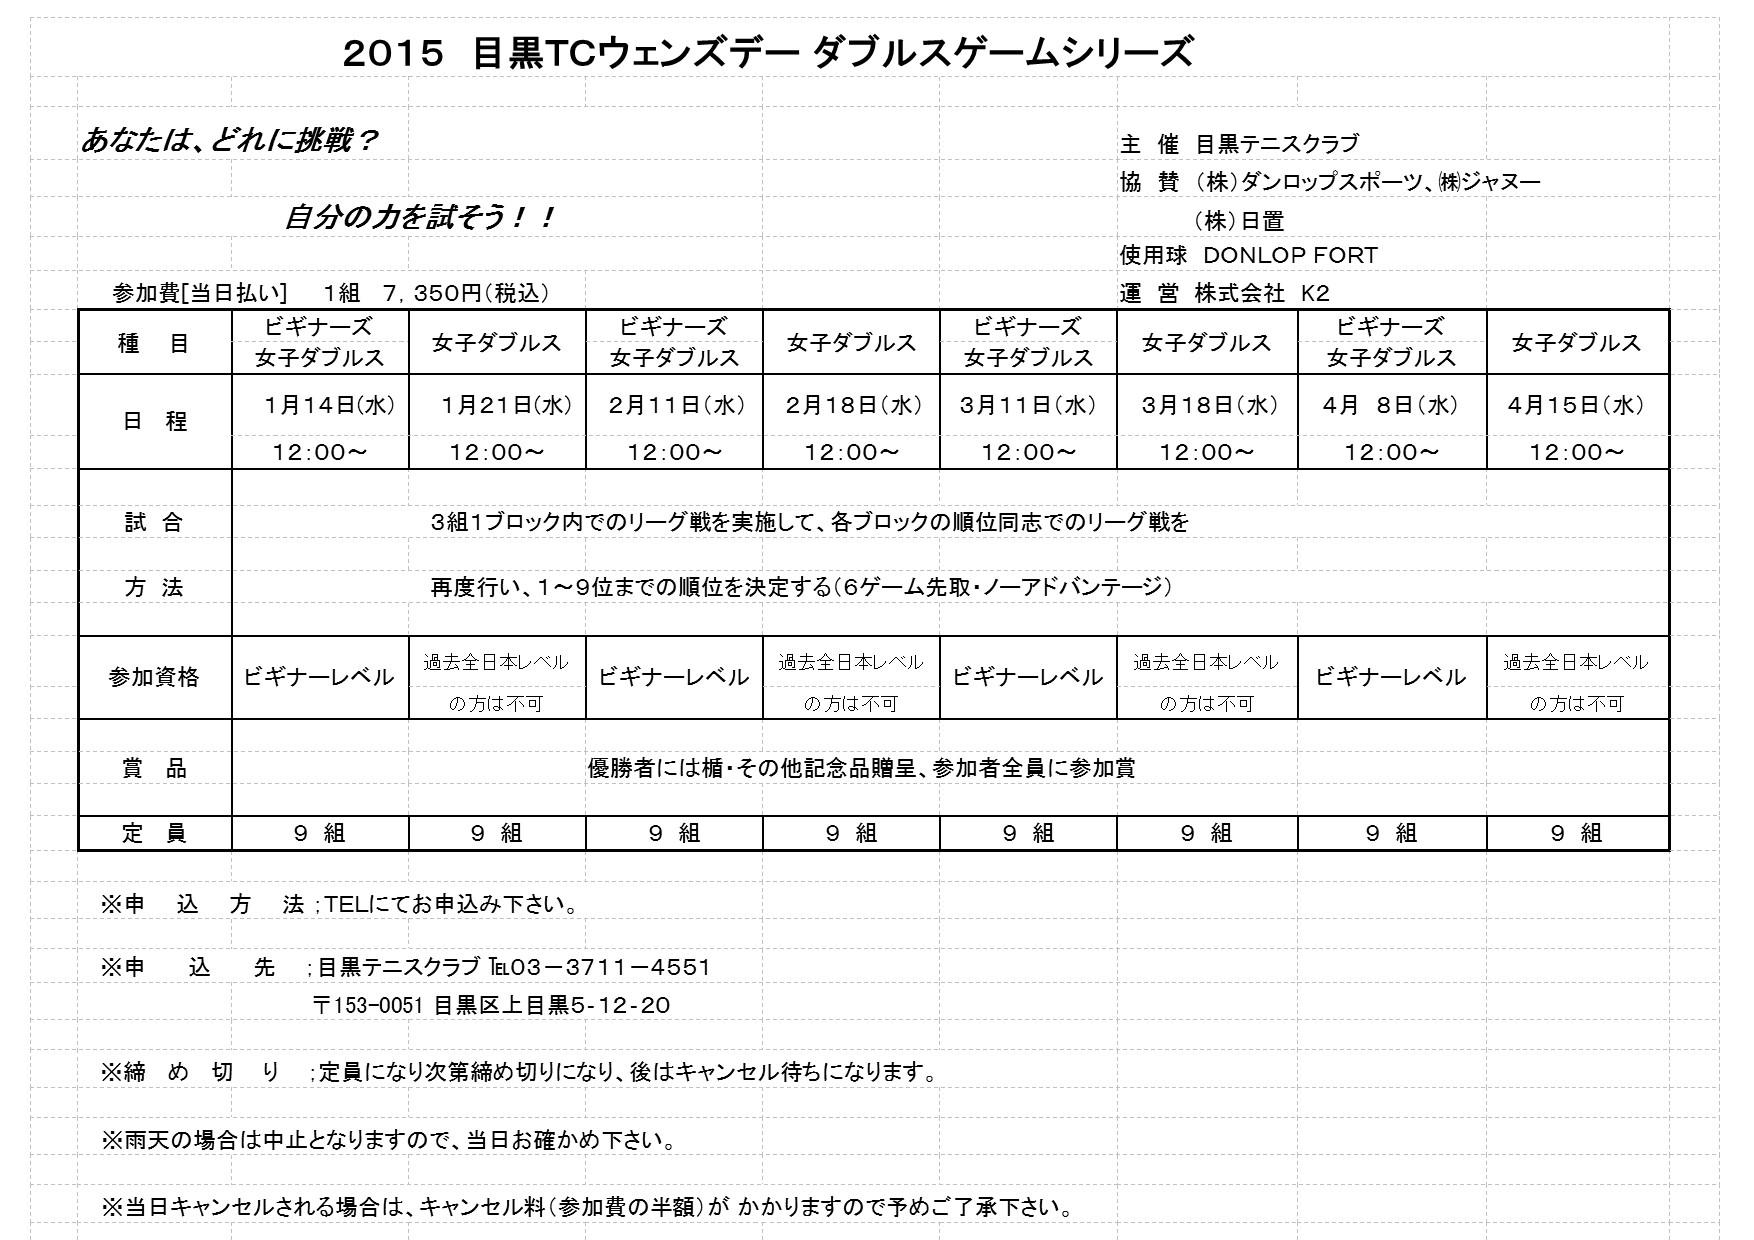 2015年1月~4月 ウェンズデーダブルストーナメント_b0158200_16474477.jpg